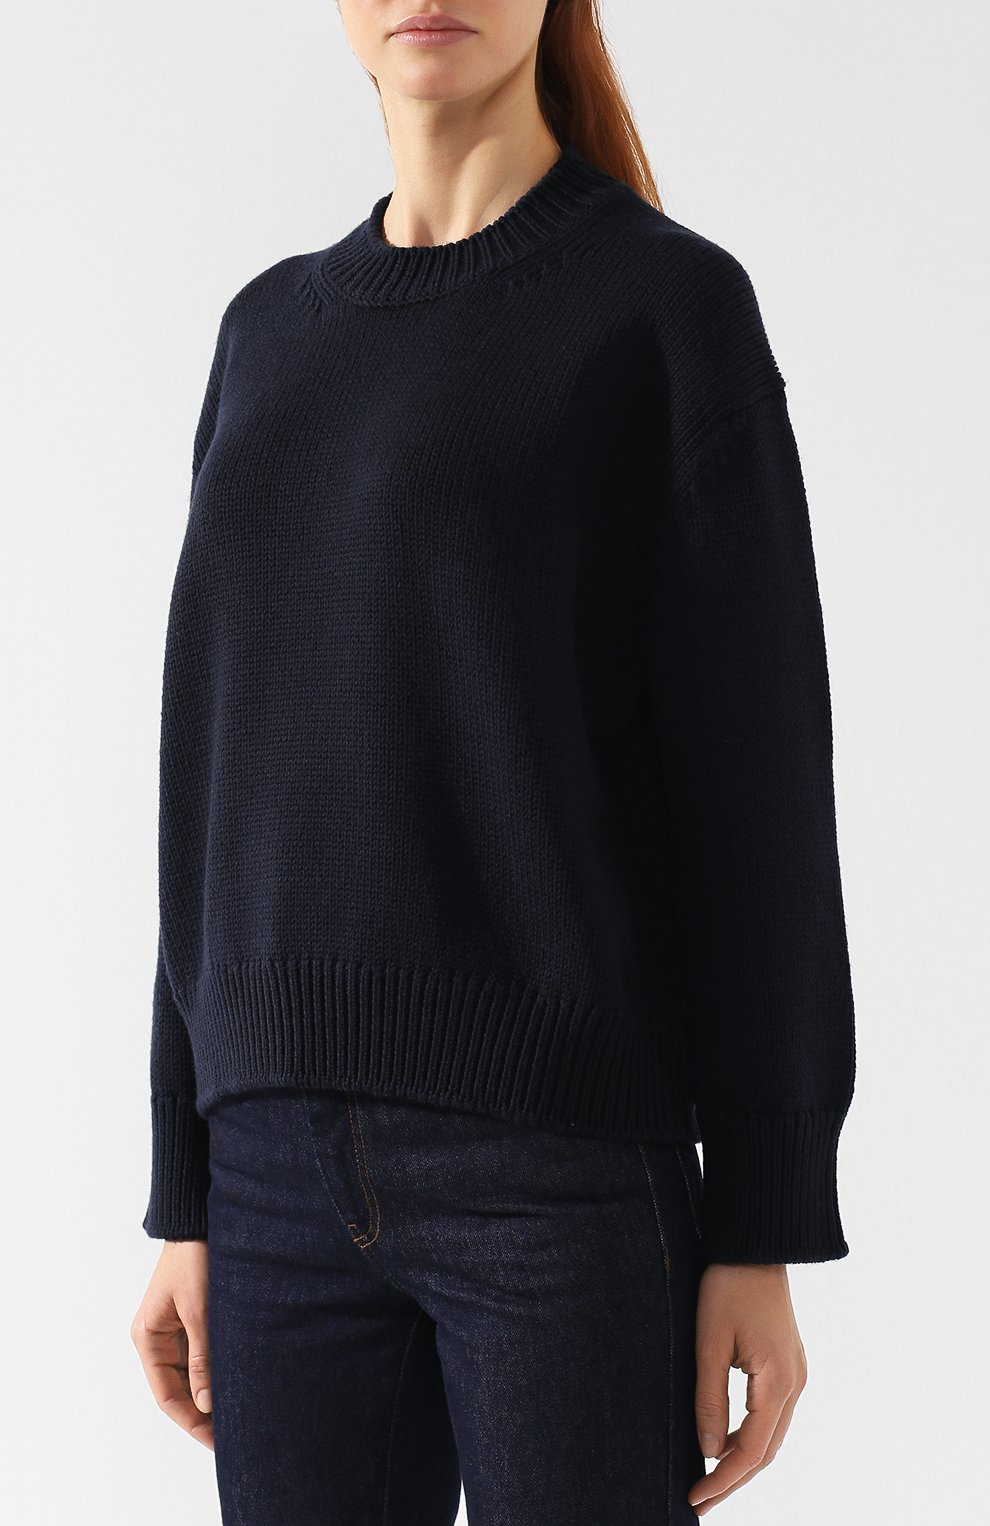 Шерстяной пуловер со спущенным рукавом Mansur Gavriel темно-синий | Фото №3